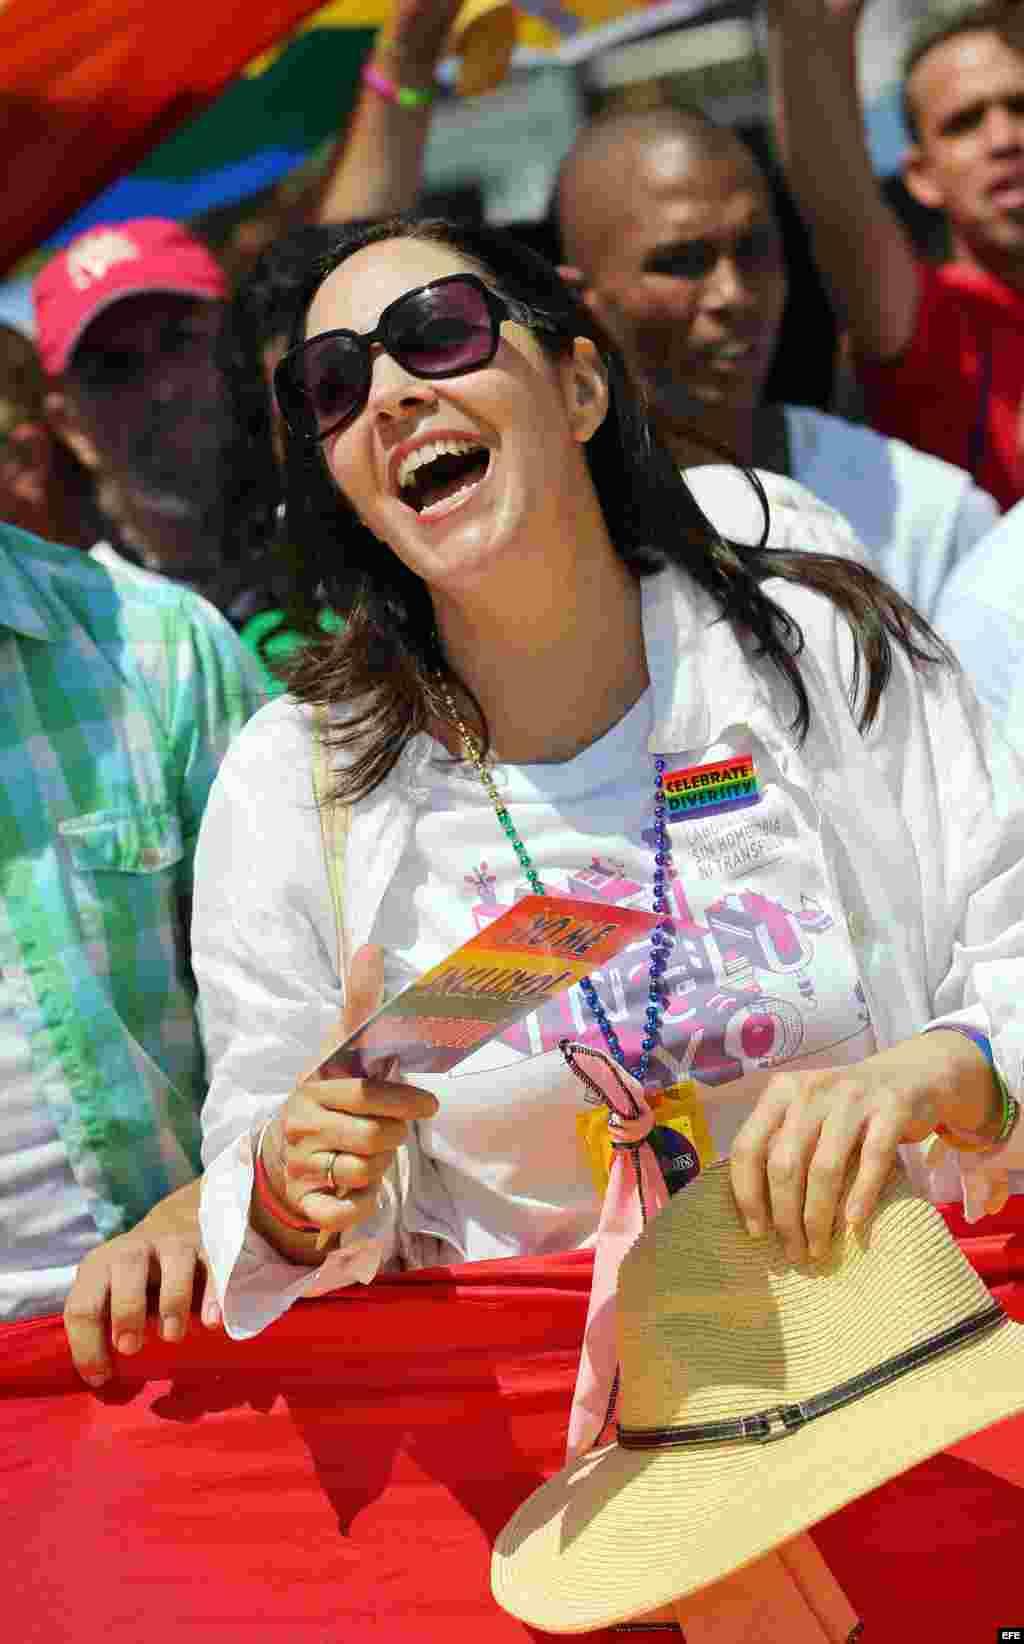 Mariela Castro, directora del Centro Nacional de Educación Sexual (Cenesex), e hija del presidente cubano Raúl Castro, encabeza una conga por los derechos LGTBI.